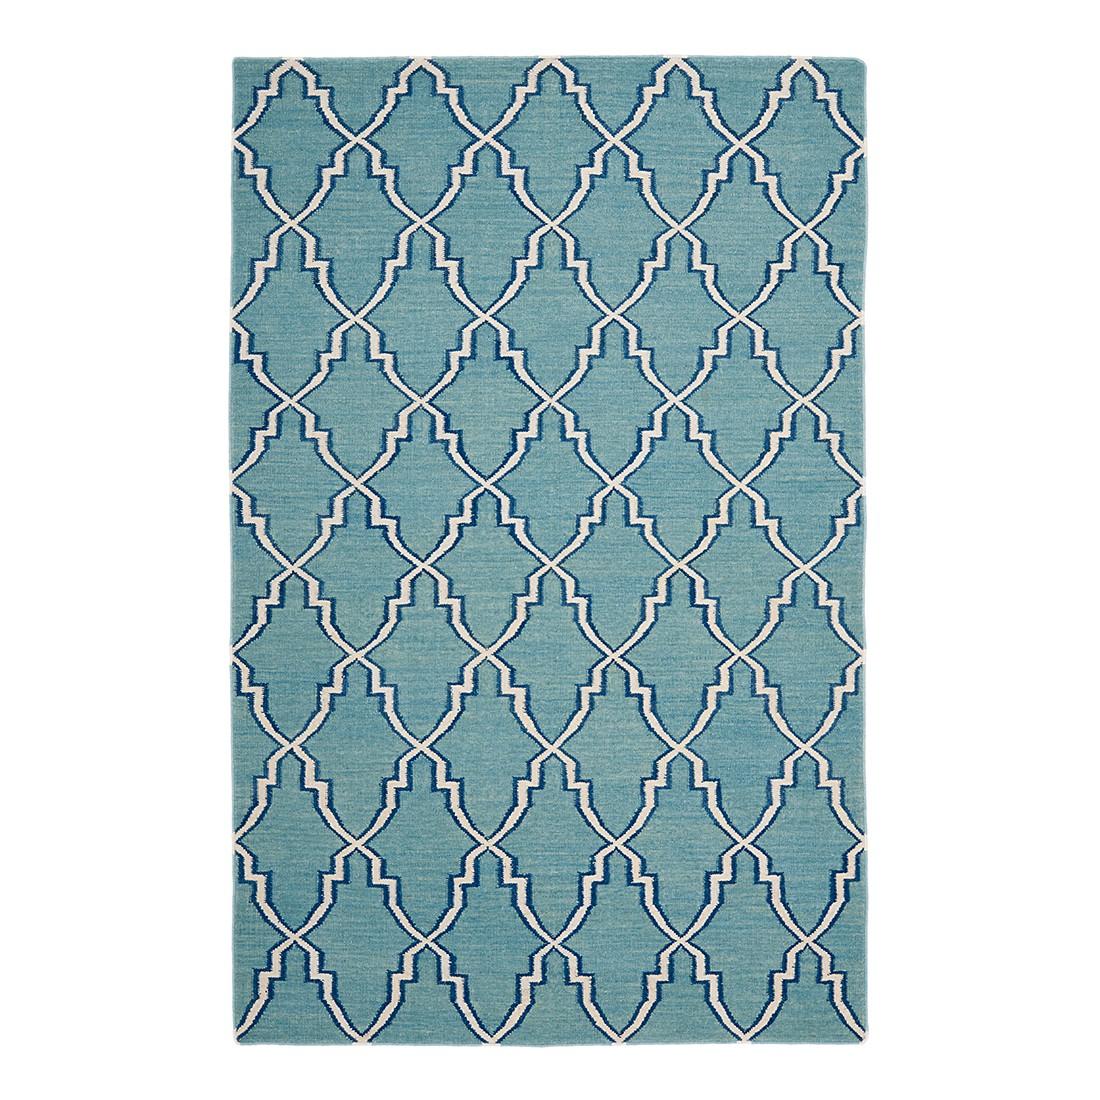 Teppich Nico – Hellblau/Creme – 92 x 153 cm, Safavieh jetzt bestellen